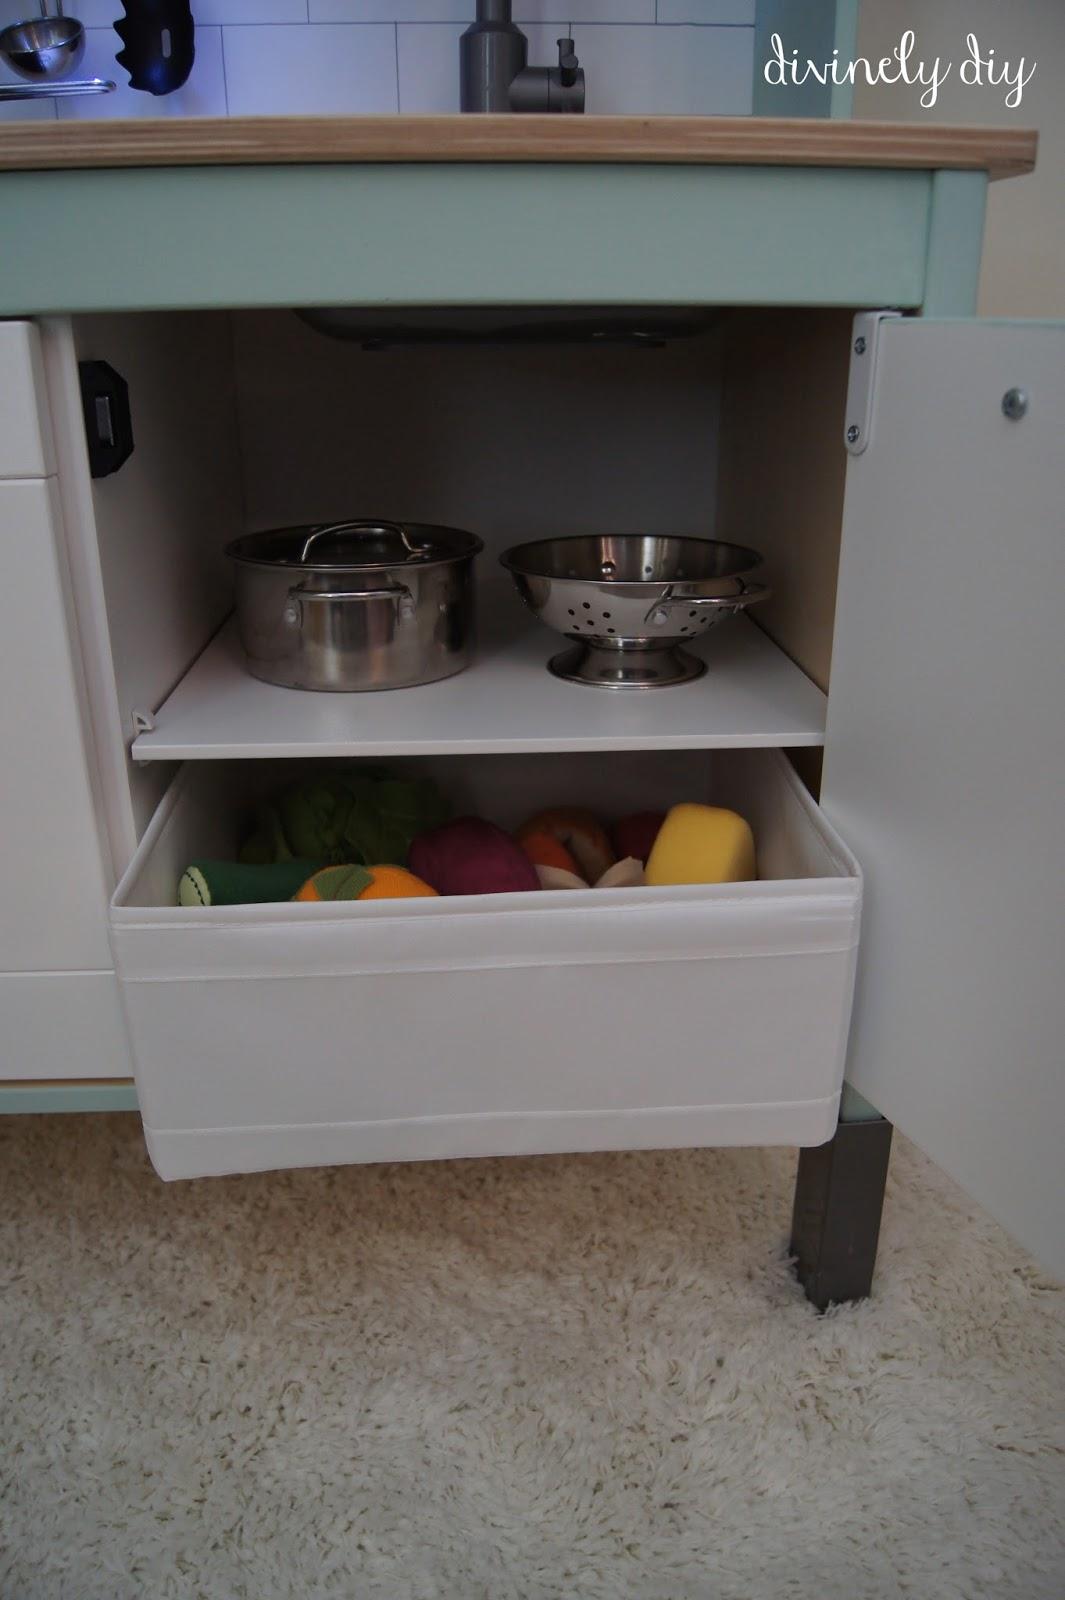 Divinely diy ikea duktig makeover - Ikea duktig play food ...